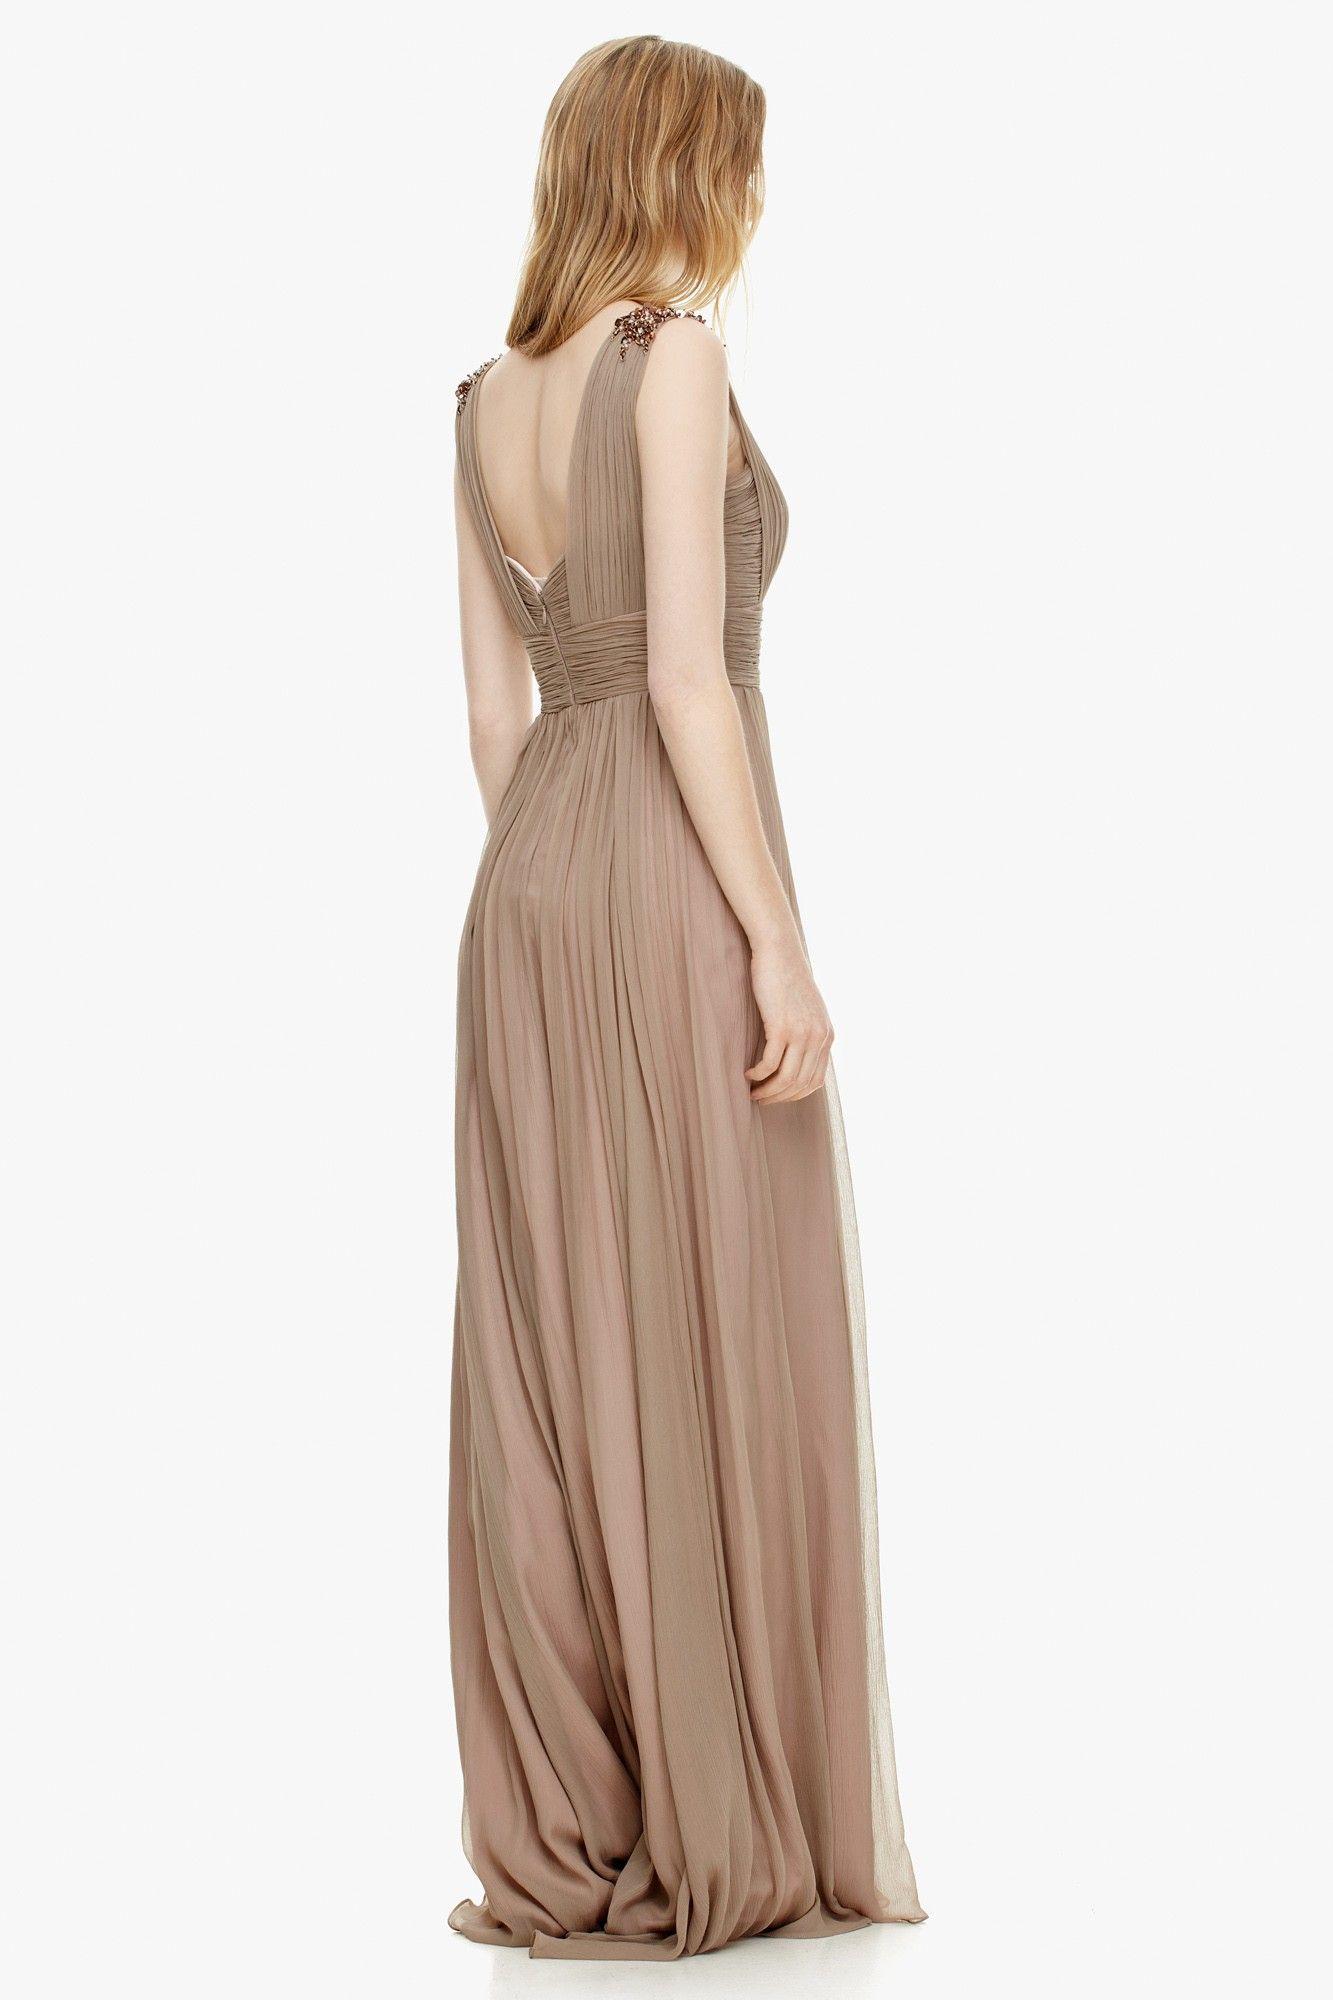 Vestido en seda de inspiraci n griega c ctel adolfo for Adolfo dominguez web corporativa